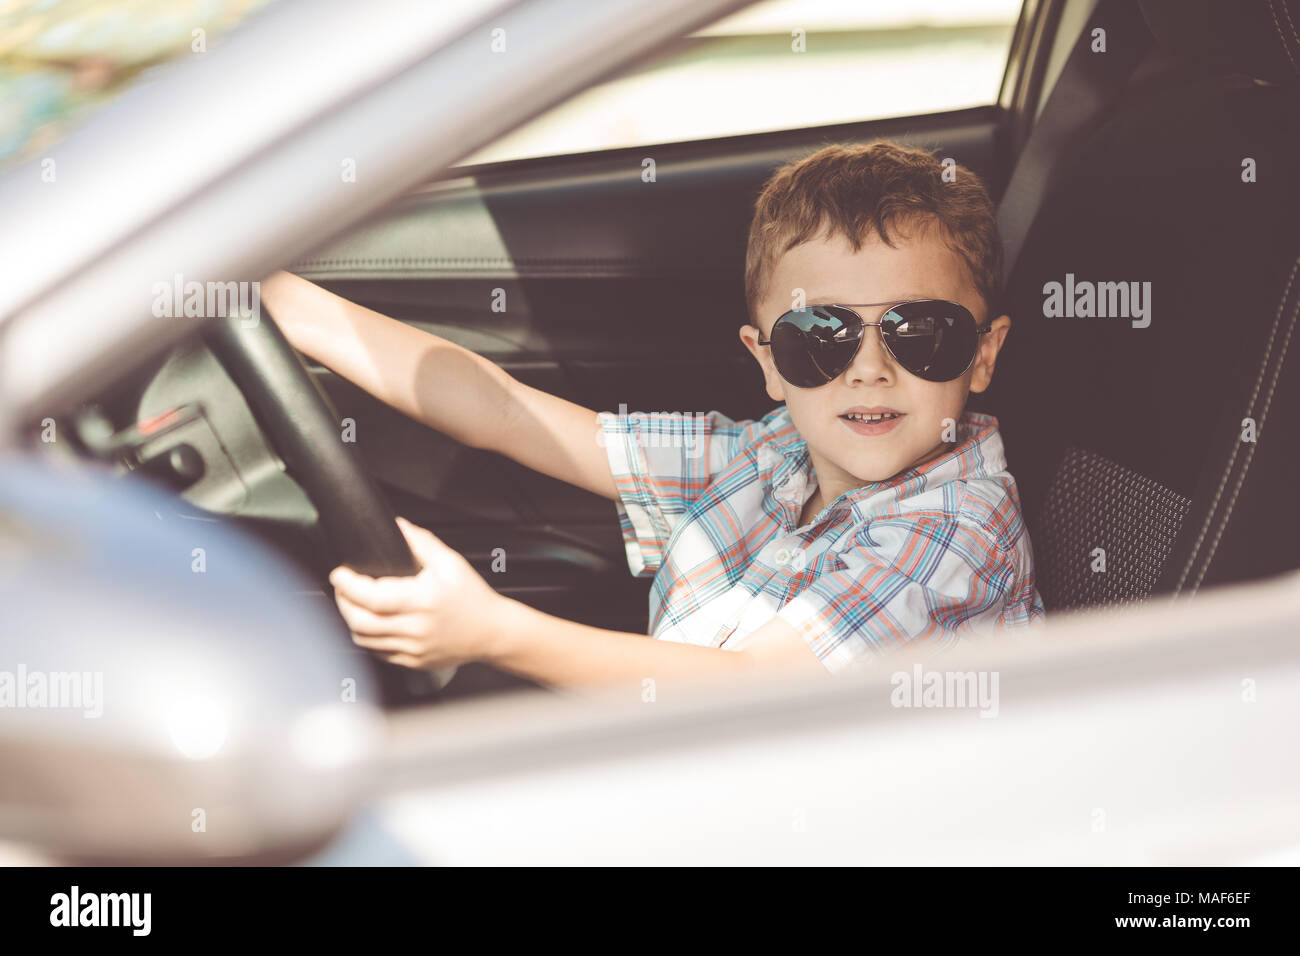 Ein kleiner Junge sitzt im Auto am Tag Zeit glücklich. Konzept der Sommerferien. Stockbild